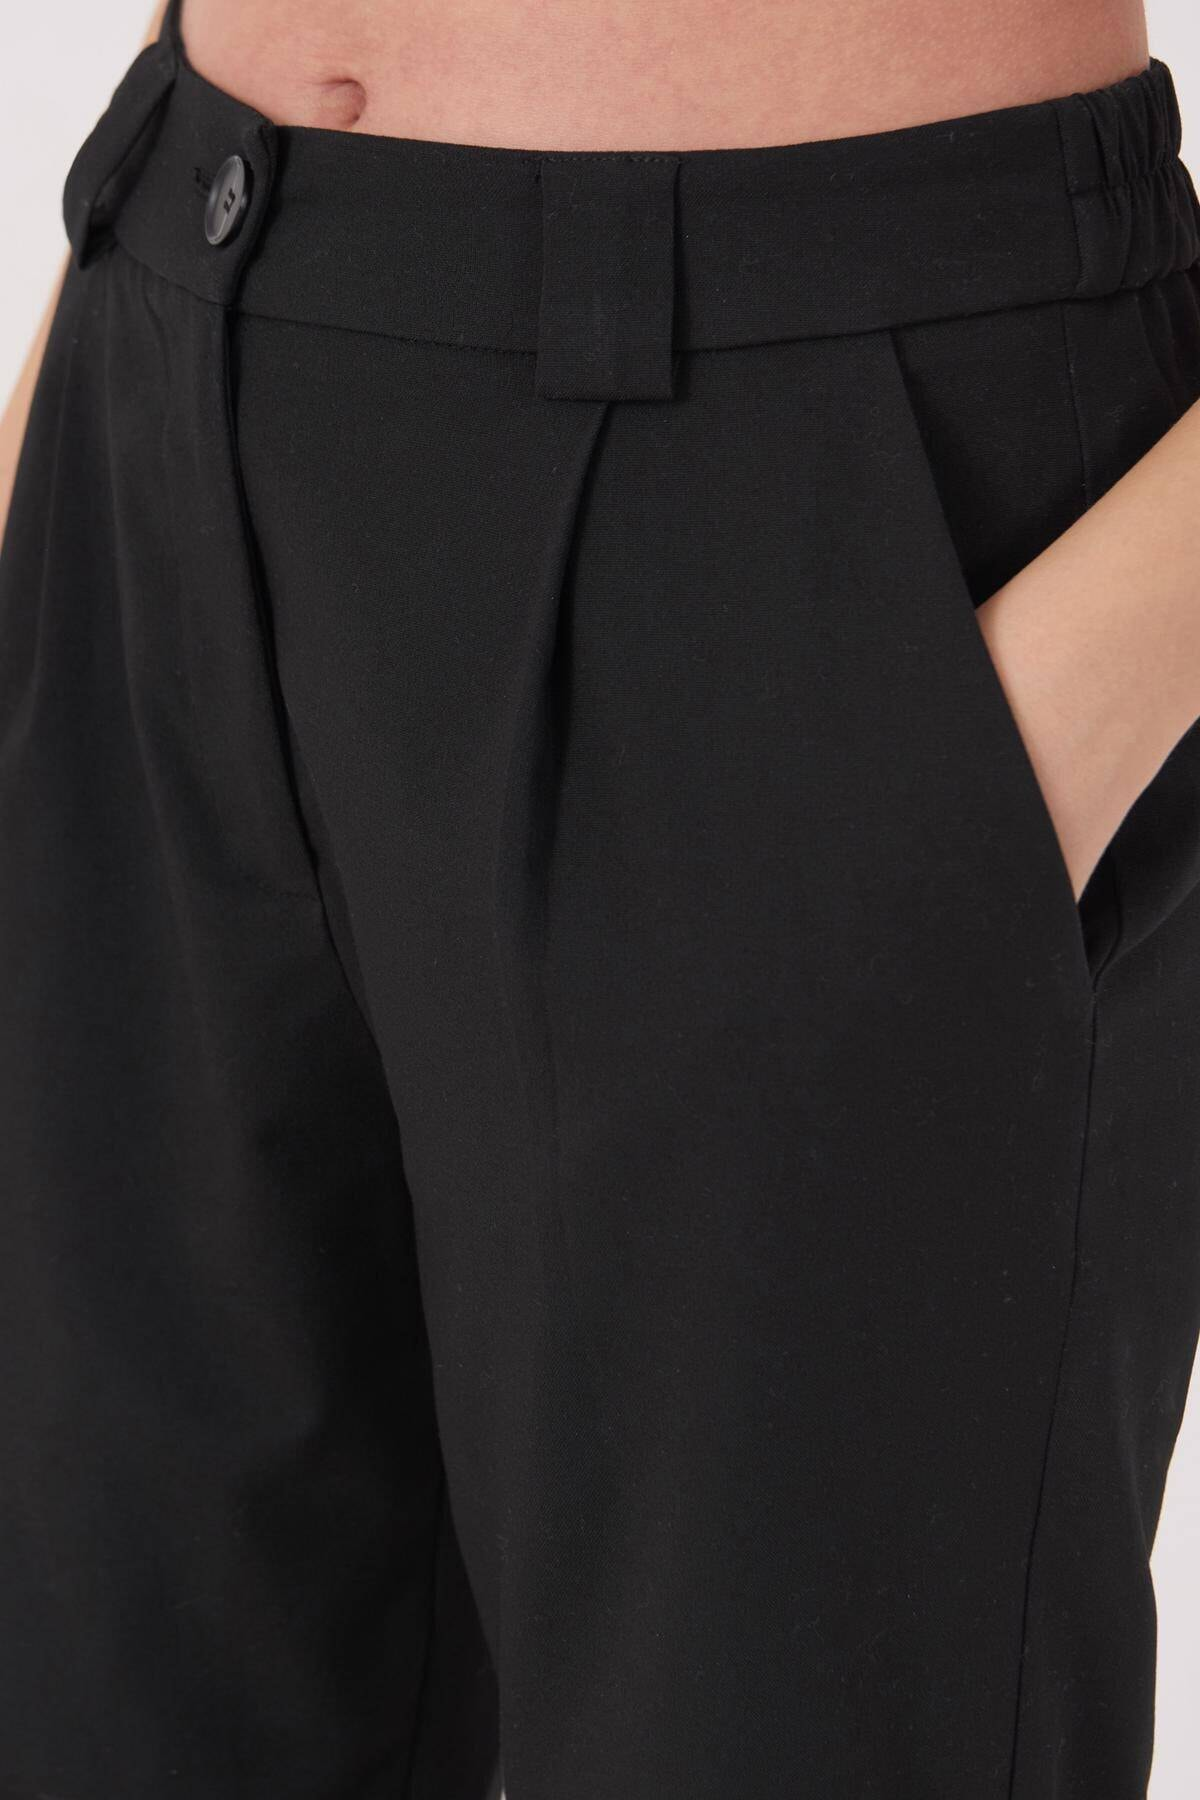 Addax Kadın Siyah Cep Detaylı Pantolon Pn8096 - E6 Adx-0000023579 2